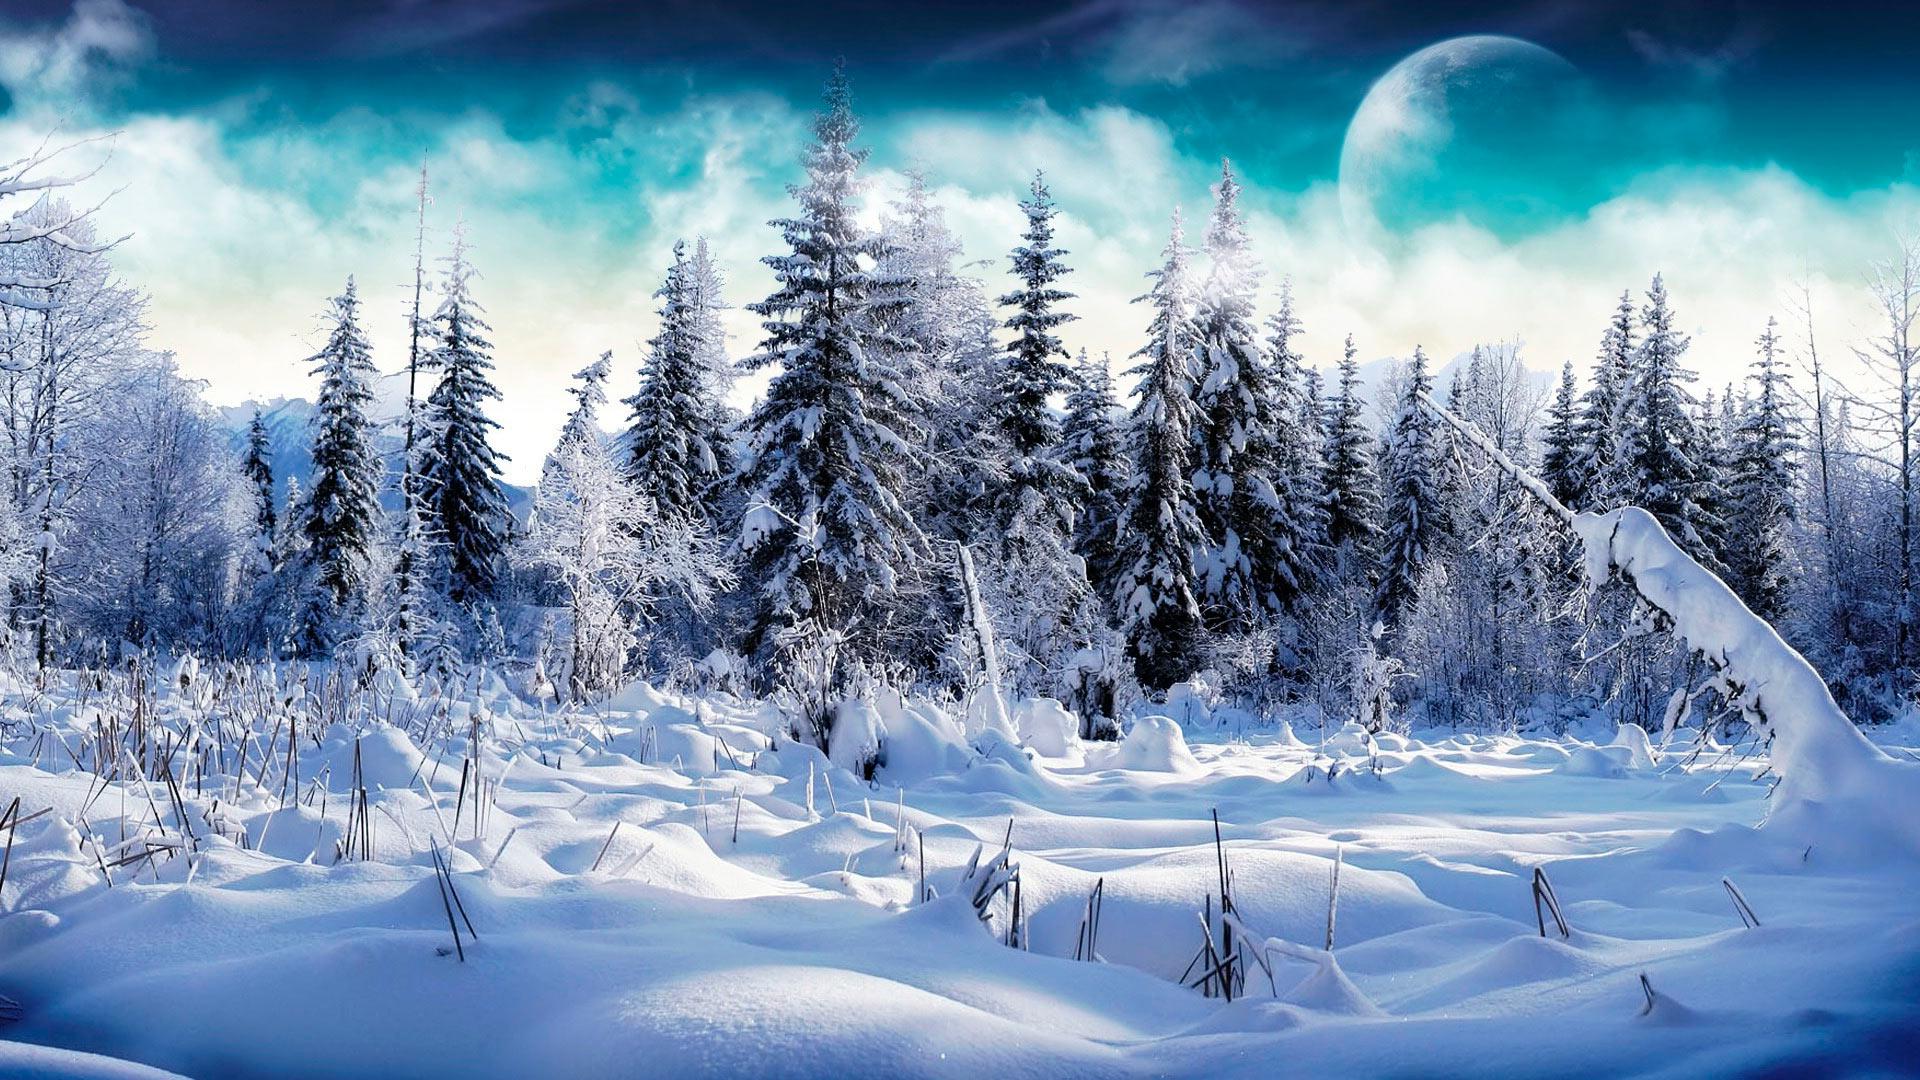 фото дают красивые картинки хорошего качества про снег она